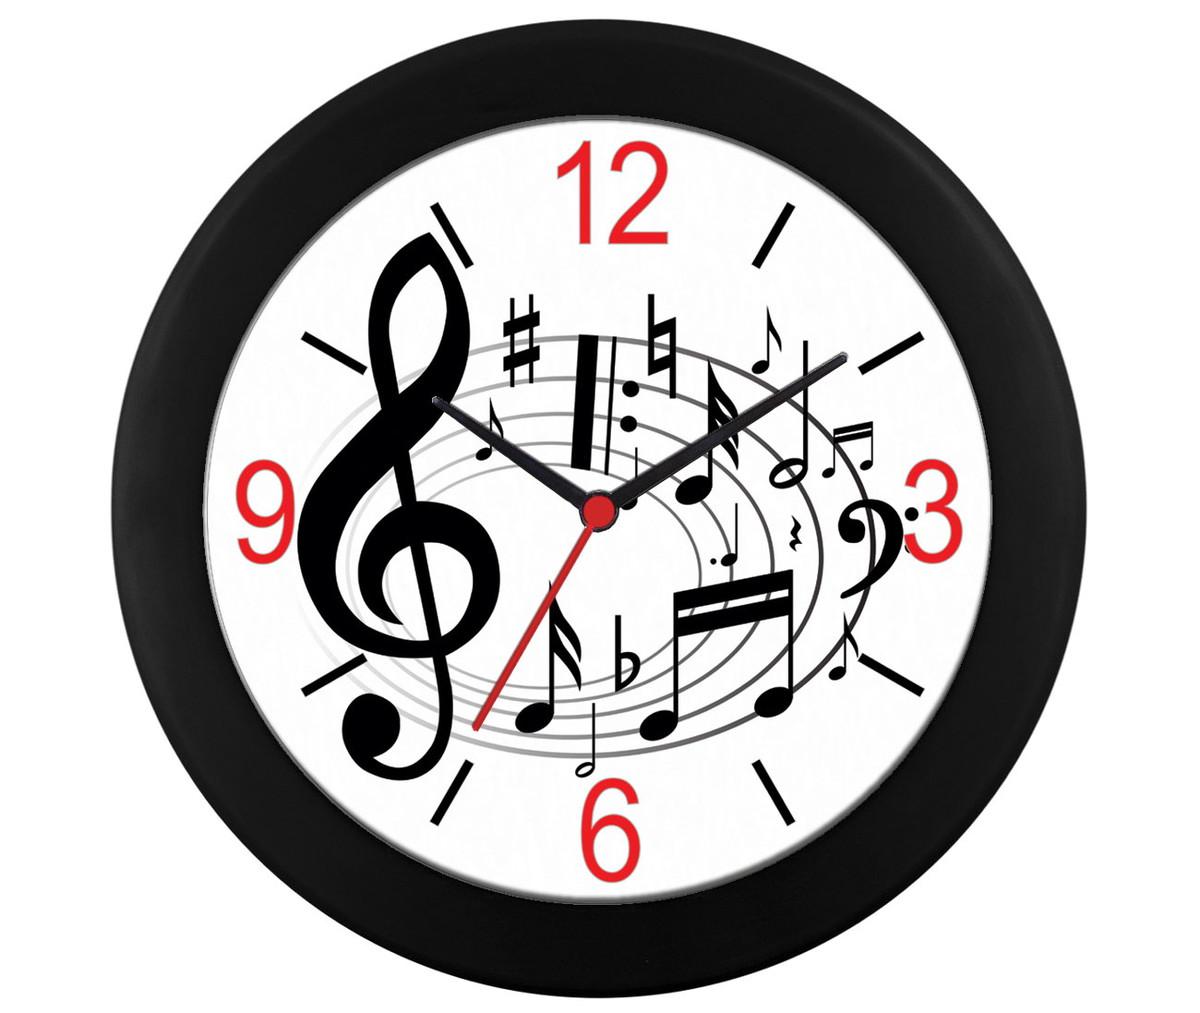 cdfc771aa58 Relógio parede musical no Elo7